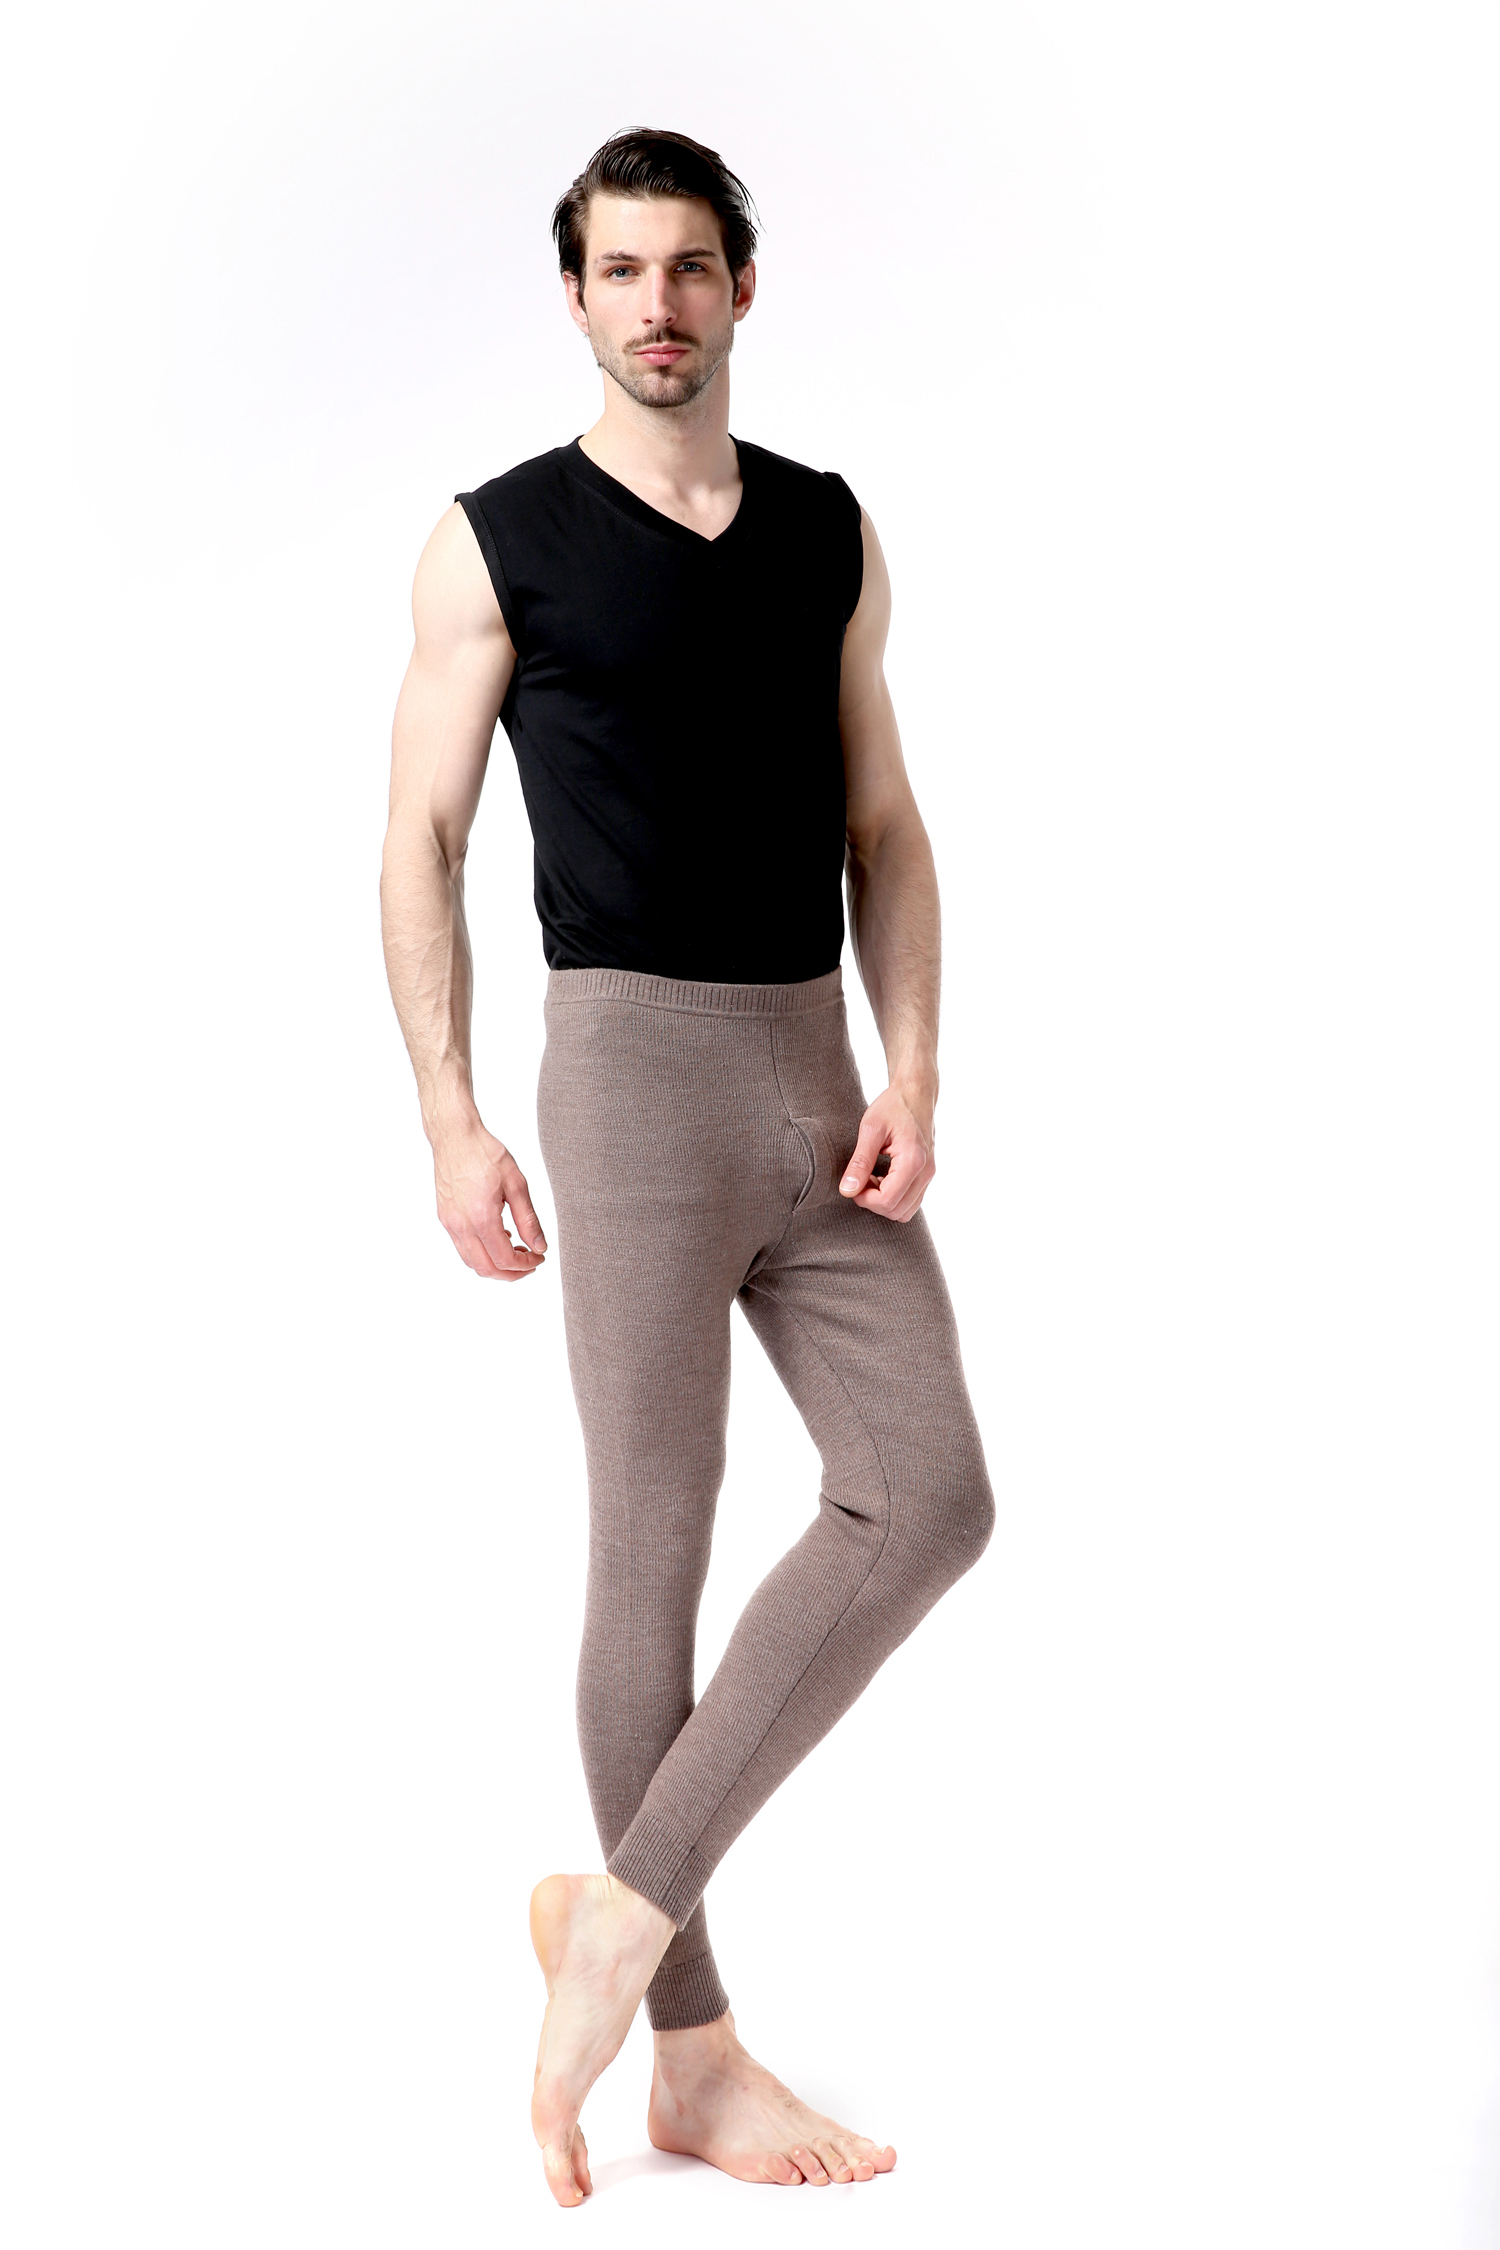 打底裤代理 想买最超值的都兰诺斯澳毛男抽条裤,就到中昊绒业